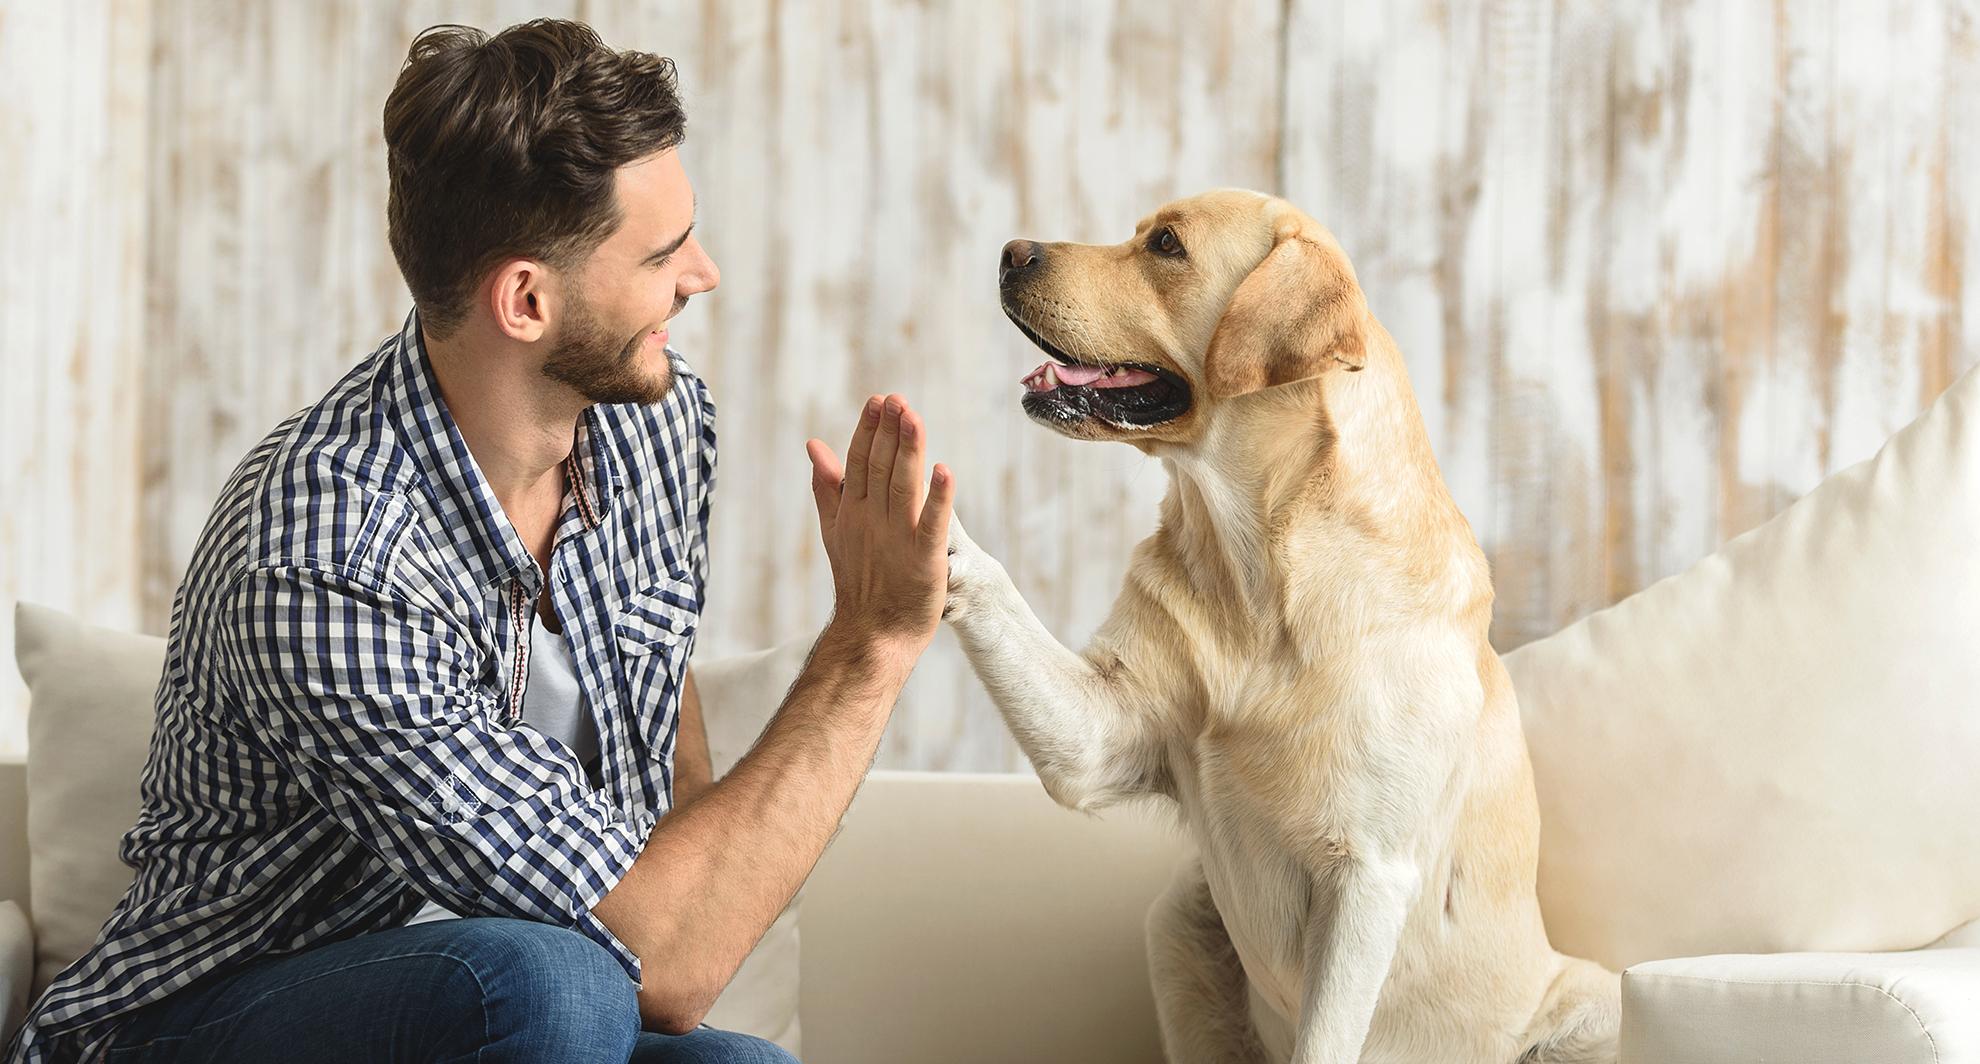 La fisiatría mejora el vínculo <br>entre propietario y mascota